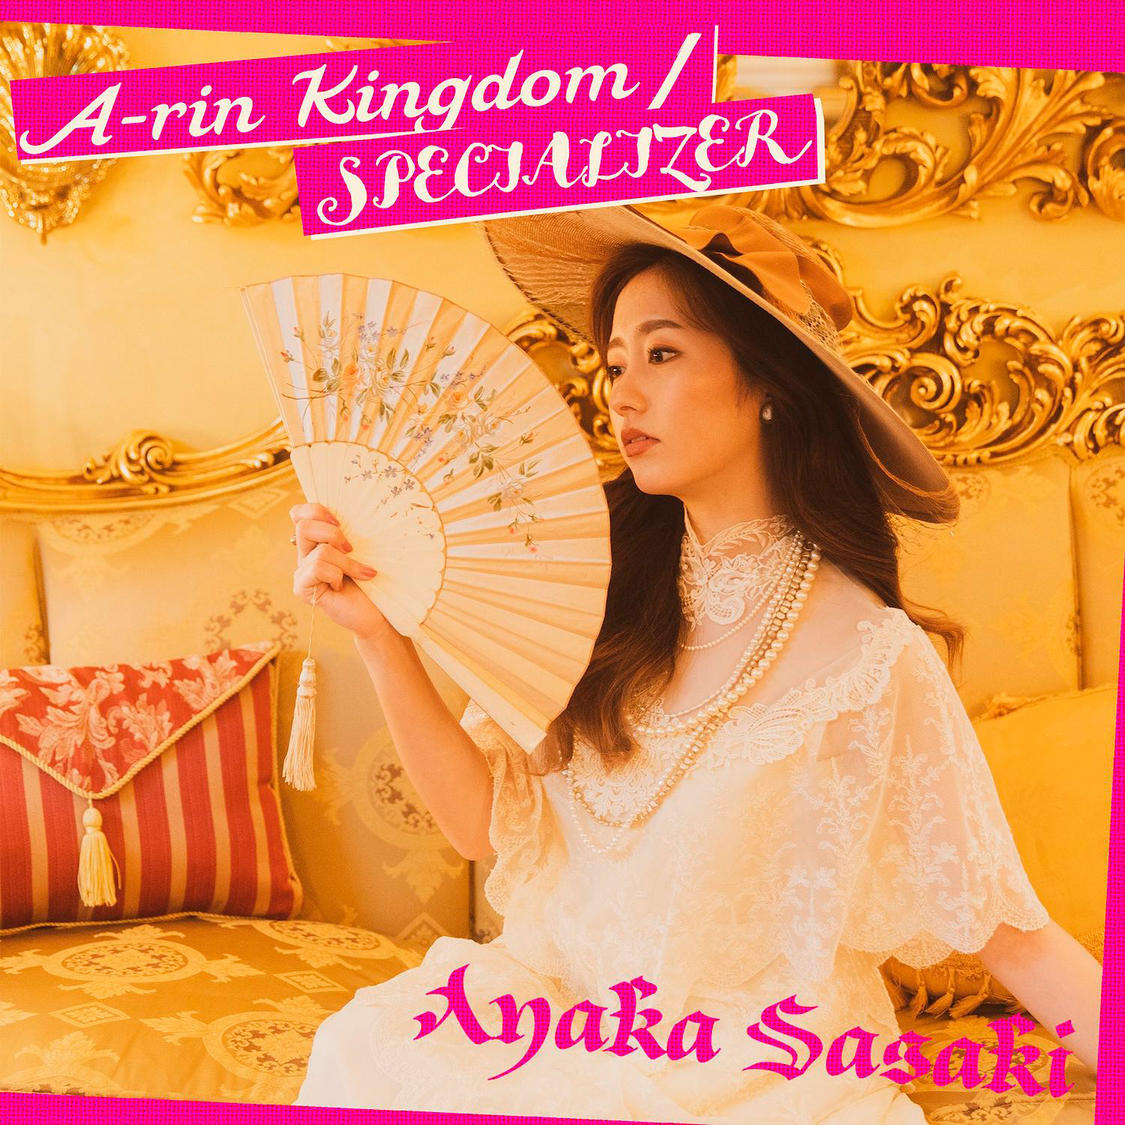 「A-rin Kingdom / SPECIALIZER」